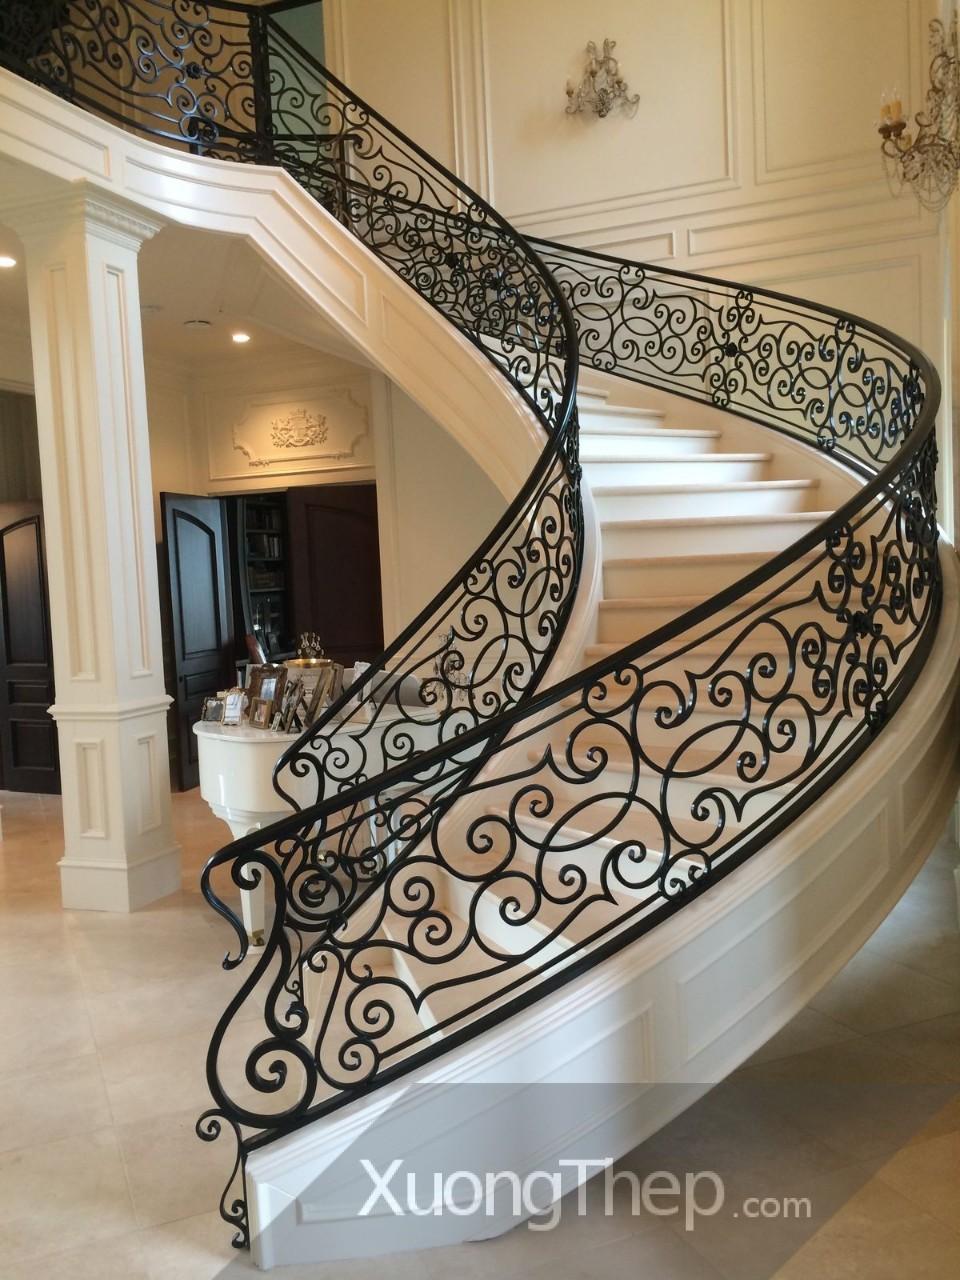 Cầu thang sắt – Mẫu cầu thang đơn giản, tiết kiệm và bền đẹp cho nhà sang